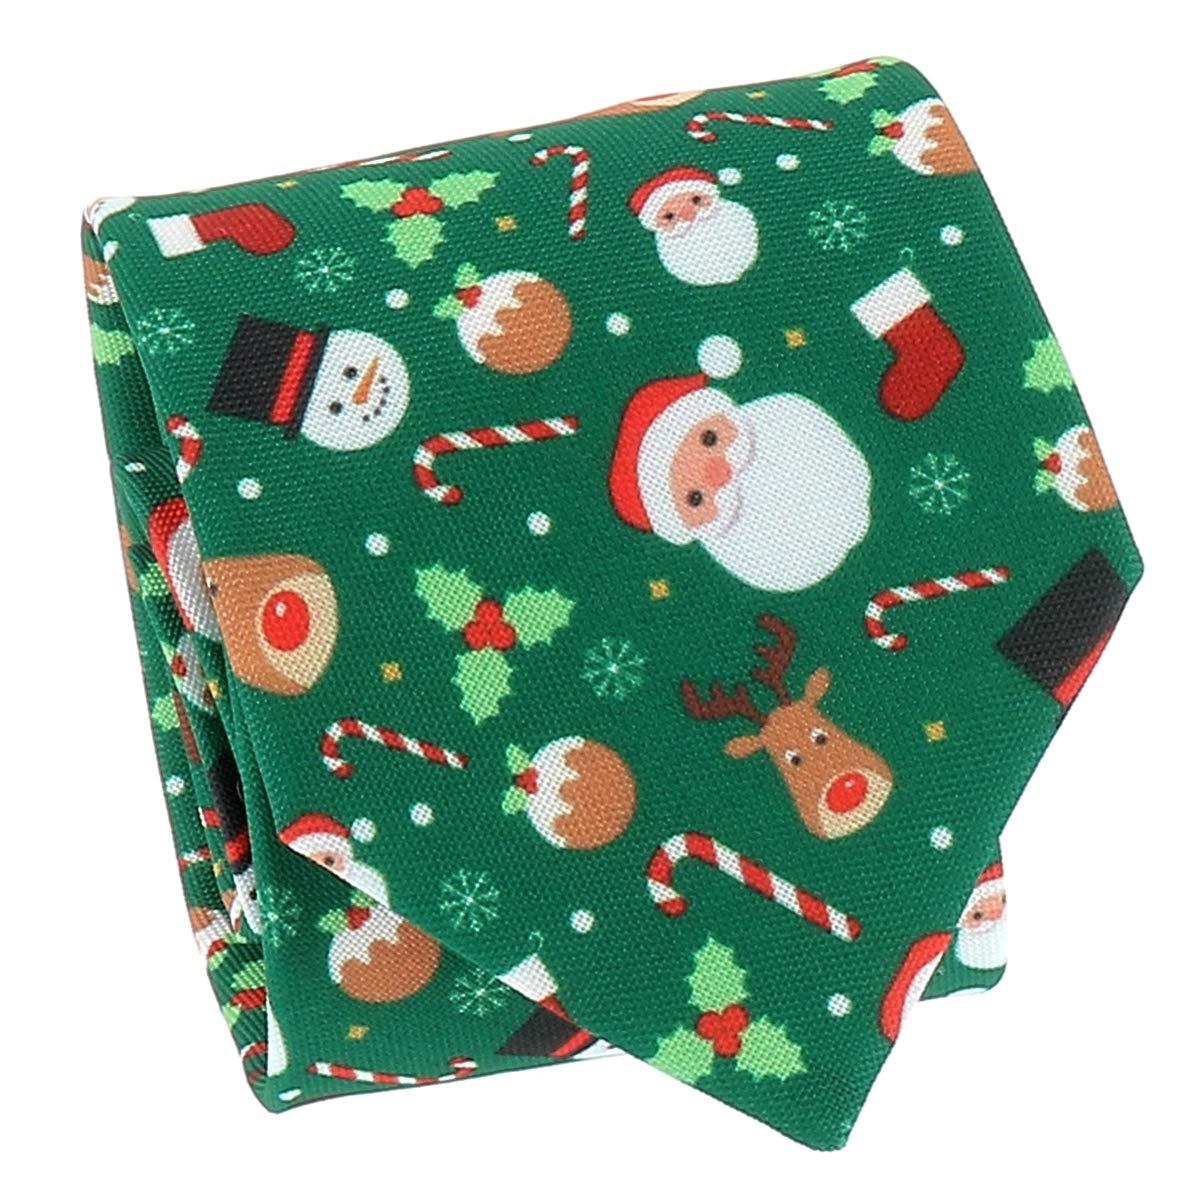 Corbata de Nochebuena SHIPITNOW Corbata de Navidad Jacquard Verde Arbol de Navidad y Mu/ñeco de Nieve Corbata Pap/á Noel Reno